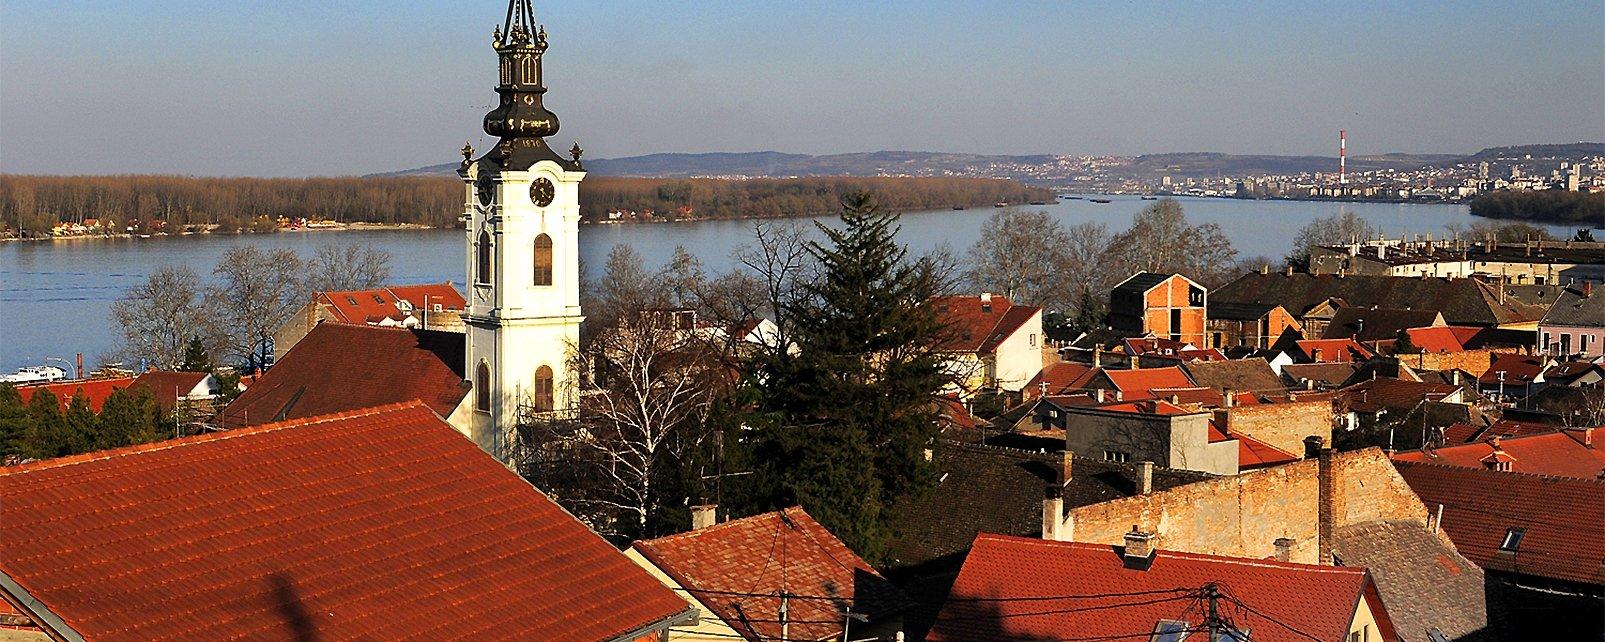 Zemun, I monumenti e le passeggiate, Serbia